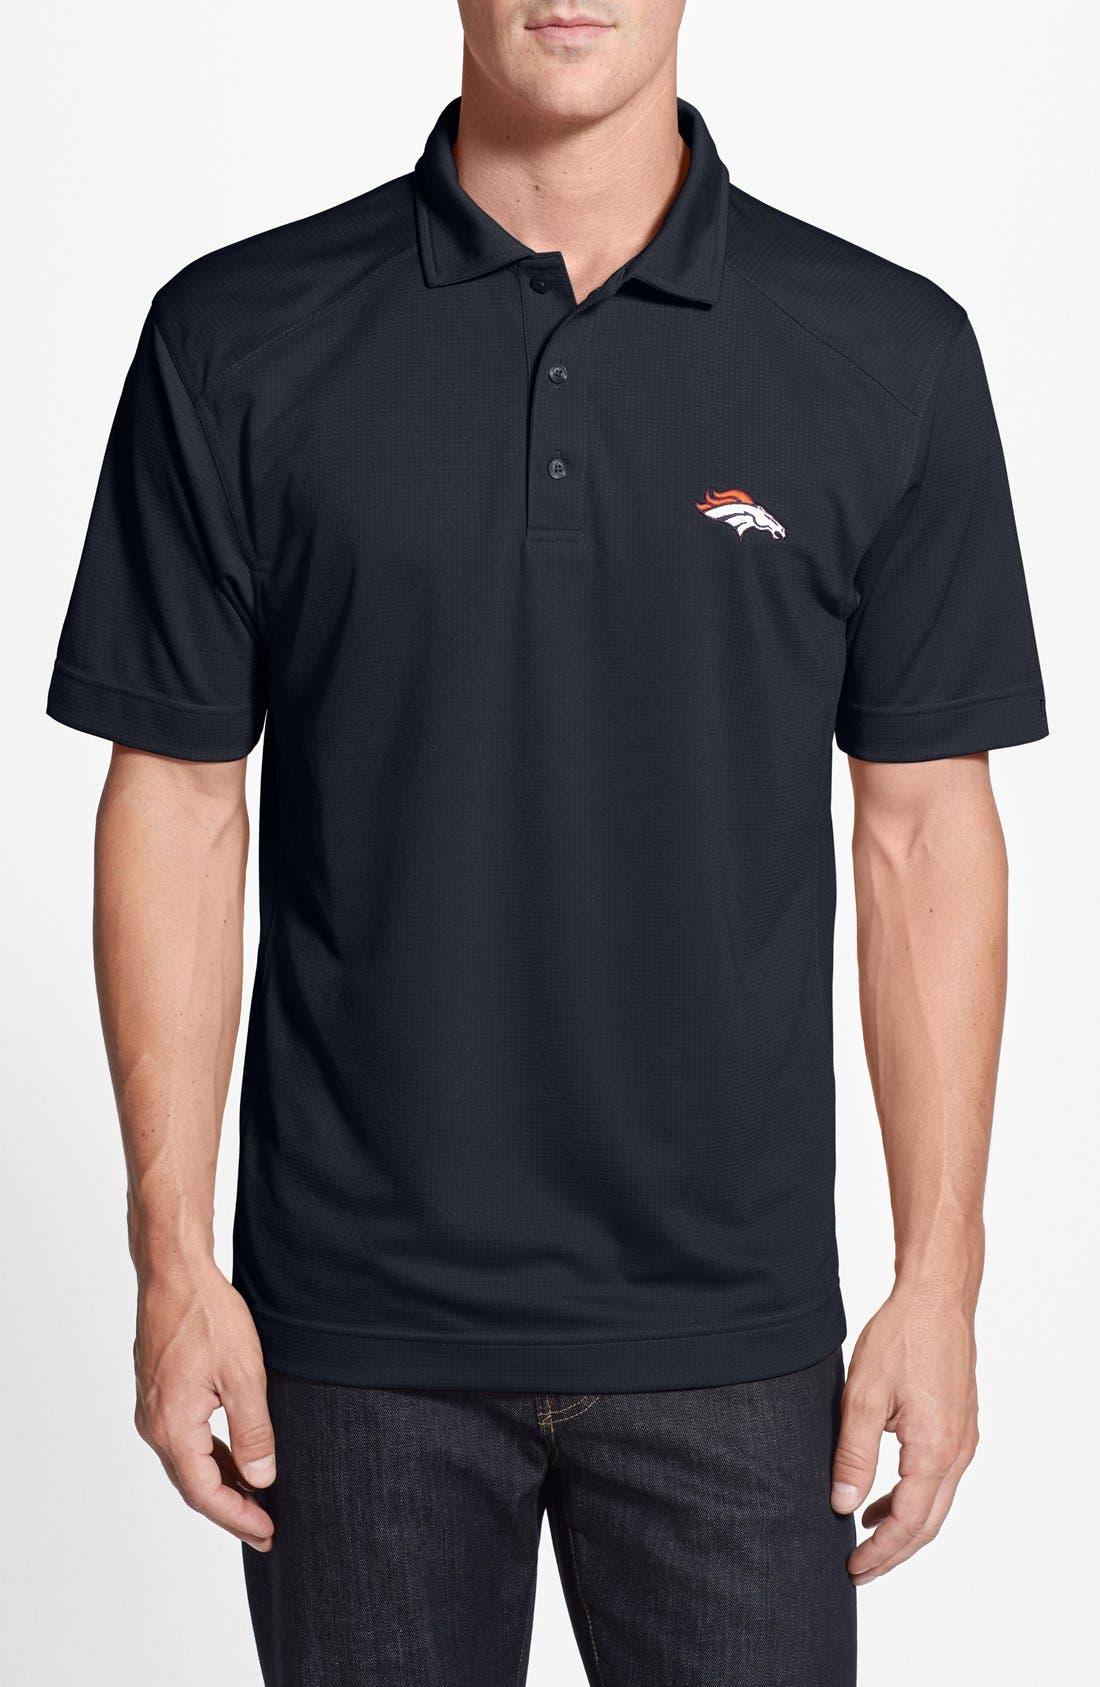 Denver Broncos - Genre DryTec Moisture Wicking Polo,                         Main,                         color,